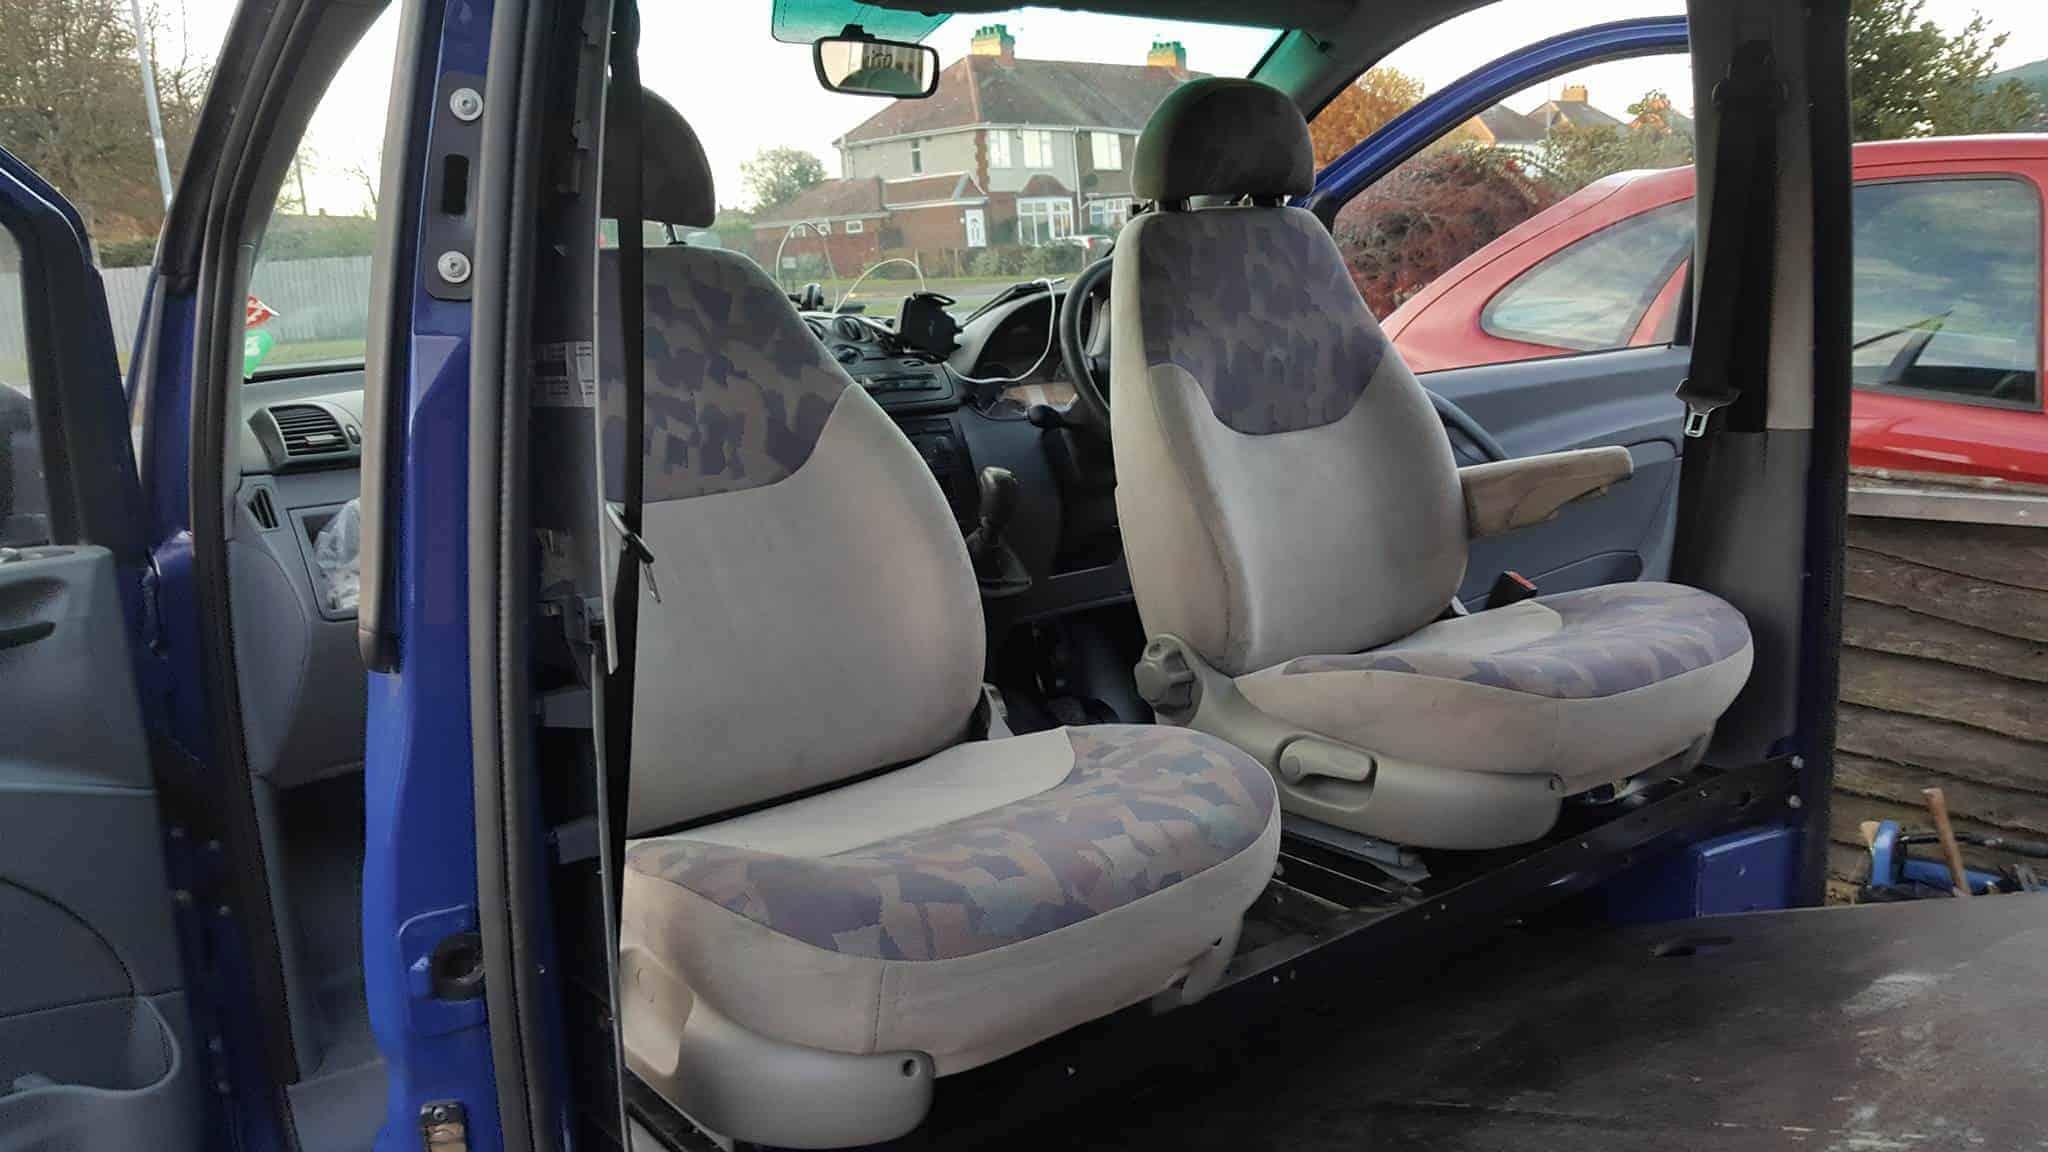 Mercedes Vito Swivel Seats & More Insulation Day 3&4